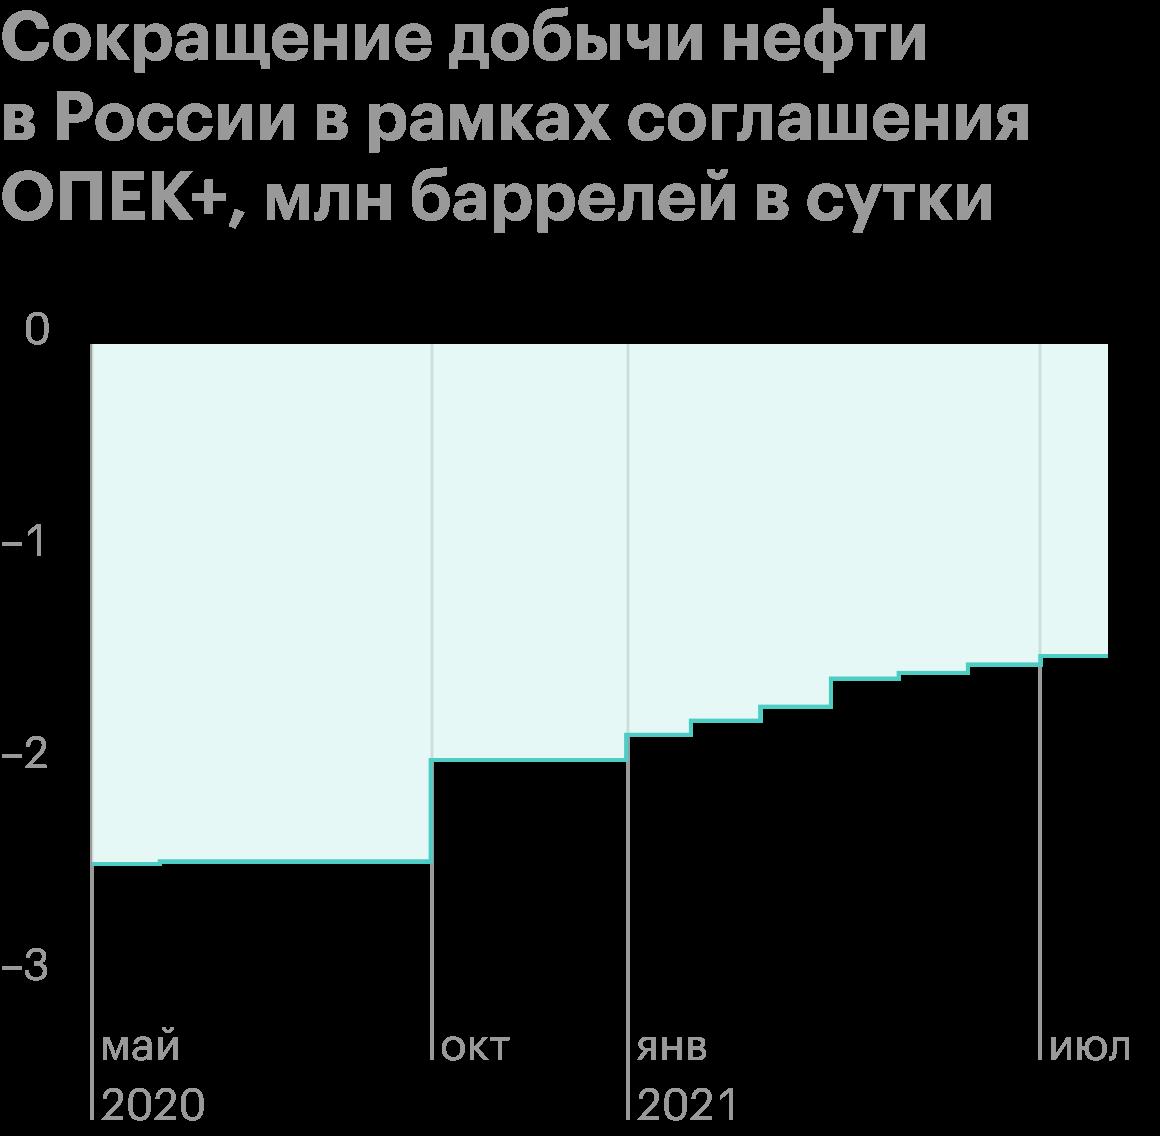 Источник: презентация «Роснефти» за первый квартал 2021года, стр.12